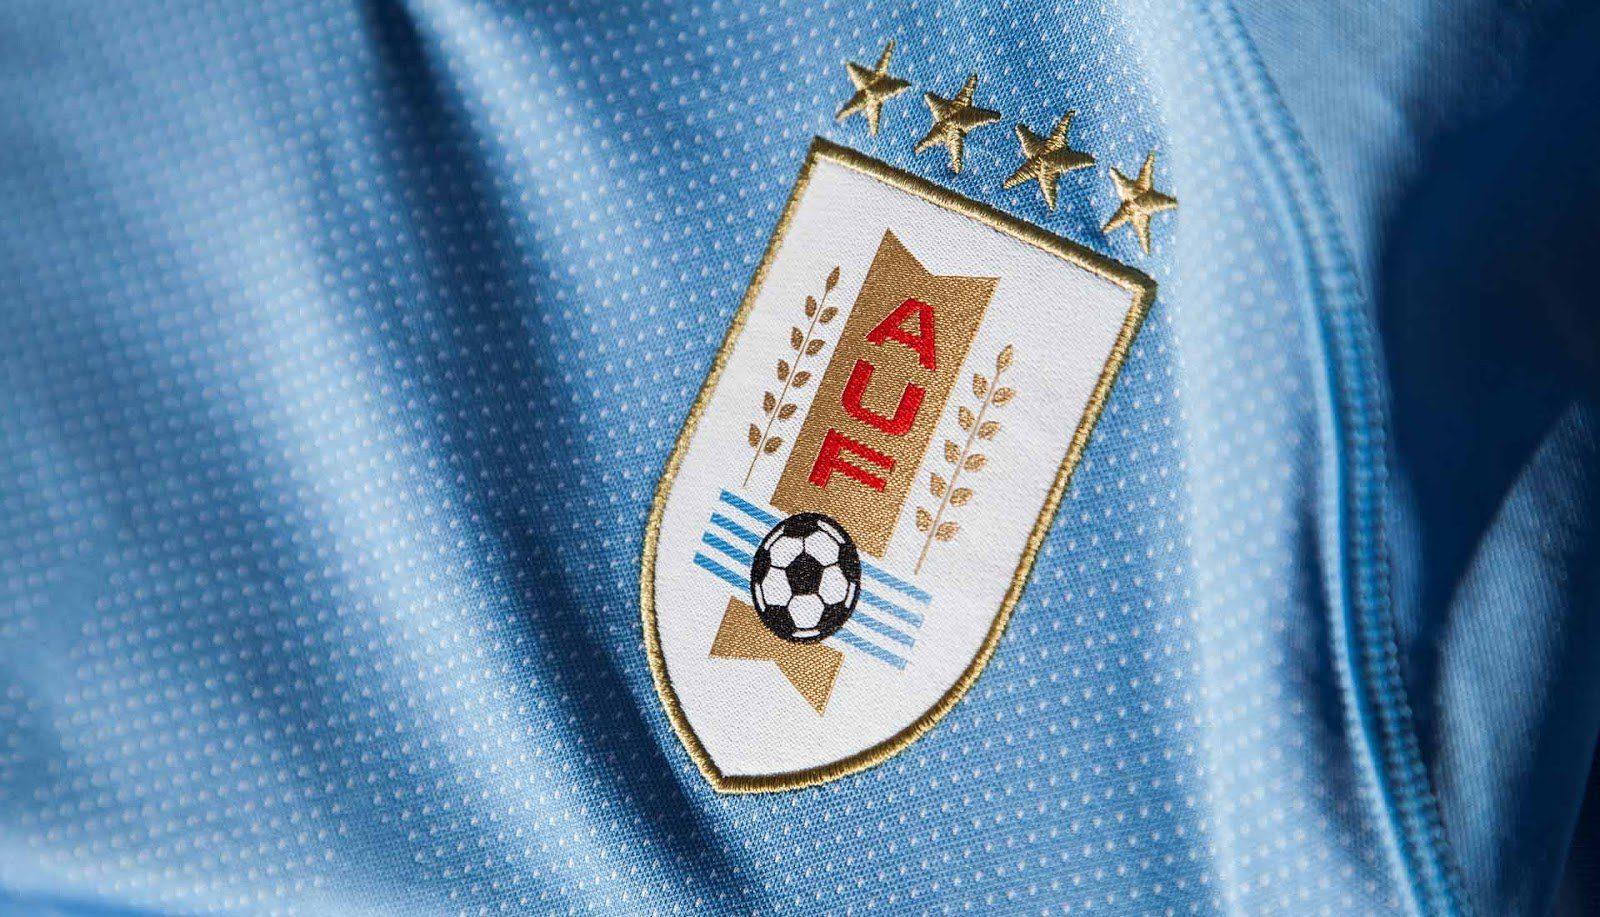 Γι' αυτό έχει τέσσερα αστέρια στη φανέλα της η Ουρουγουάη